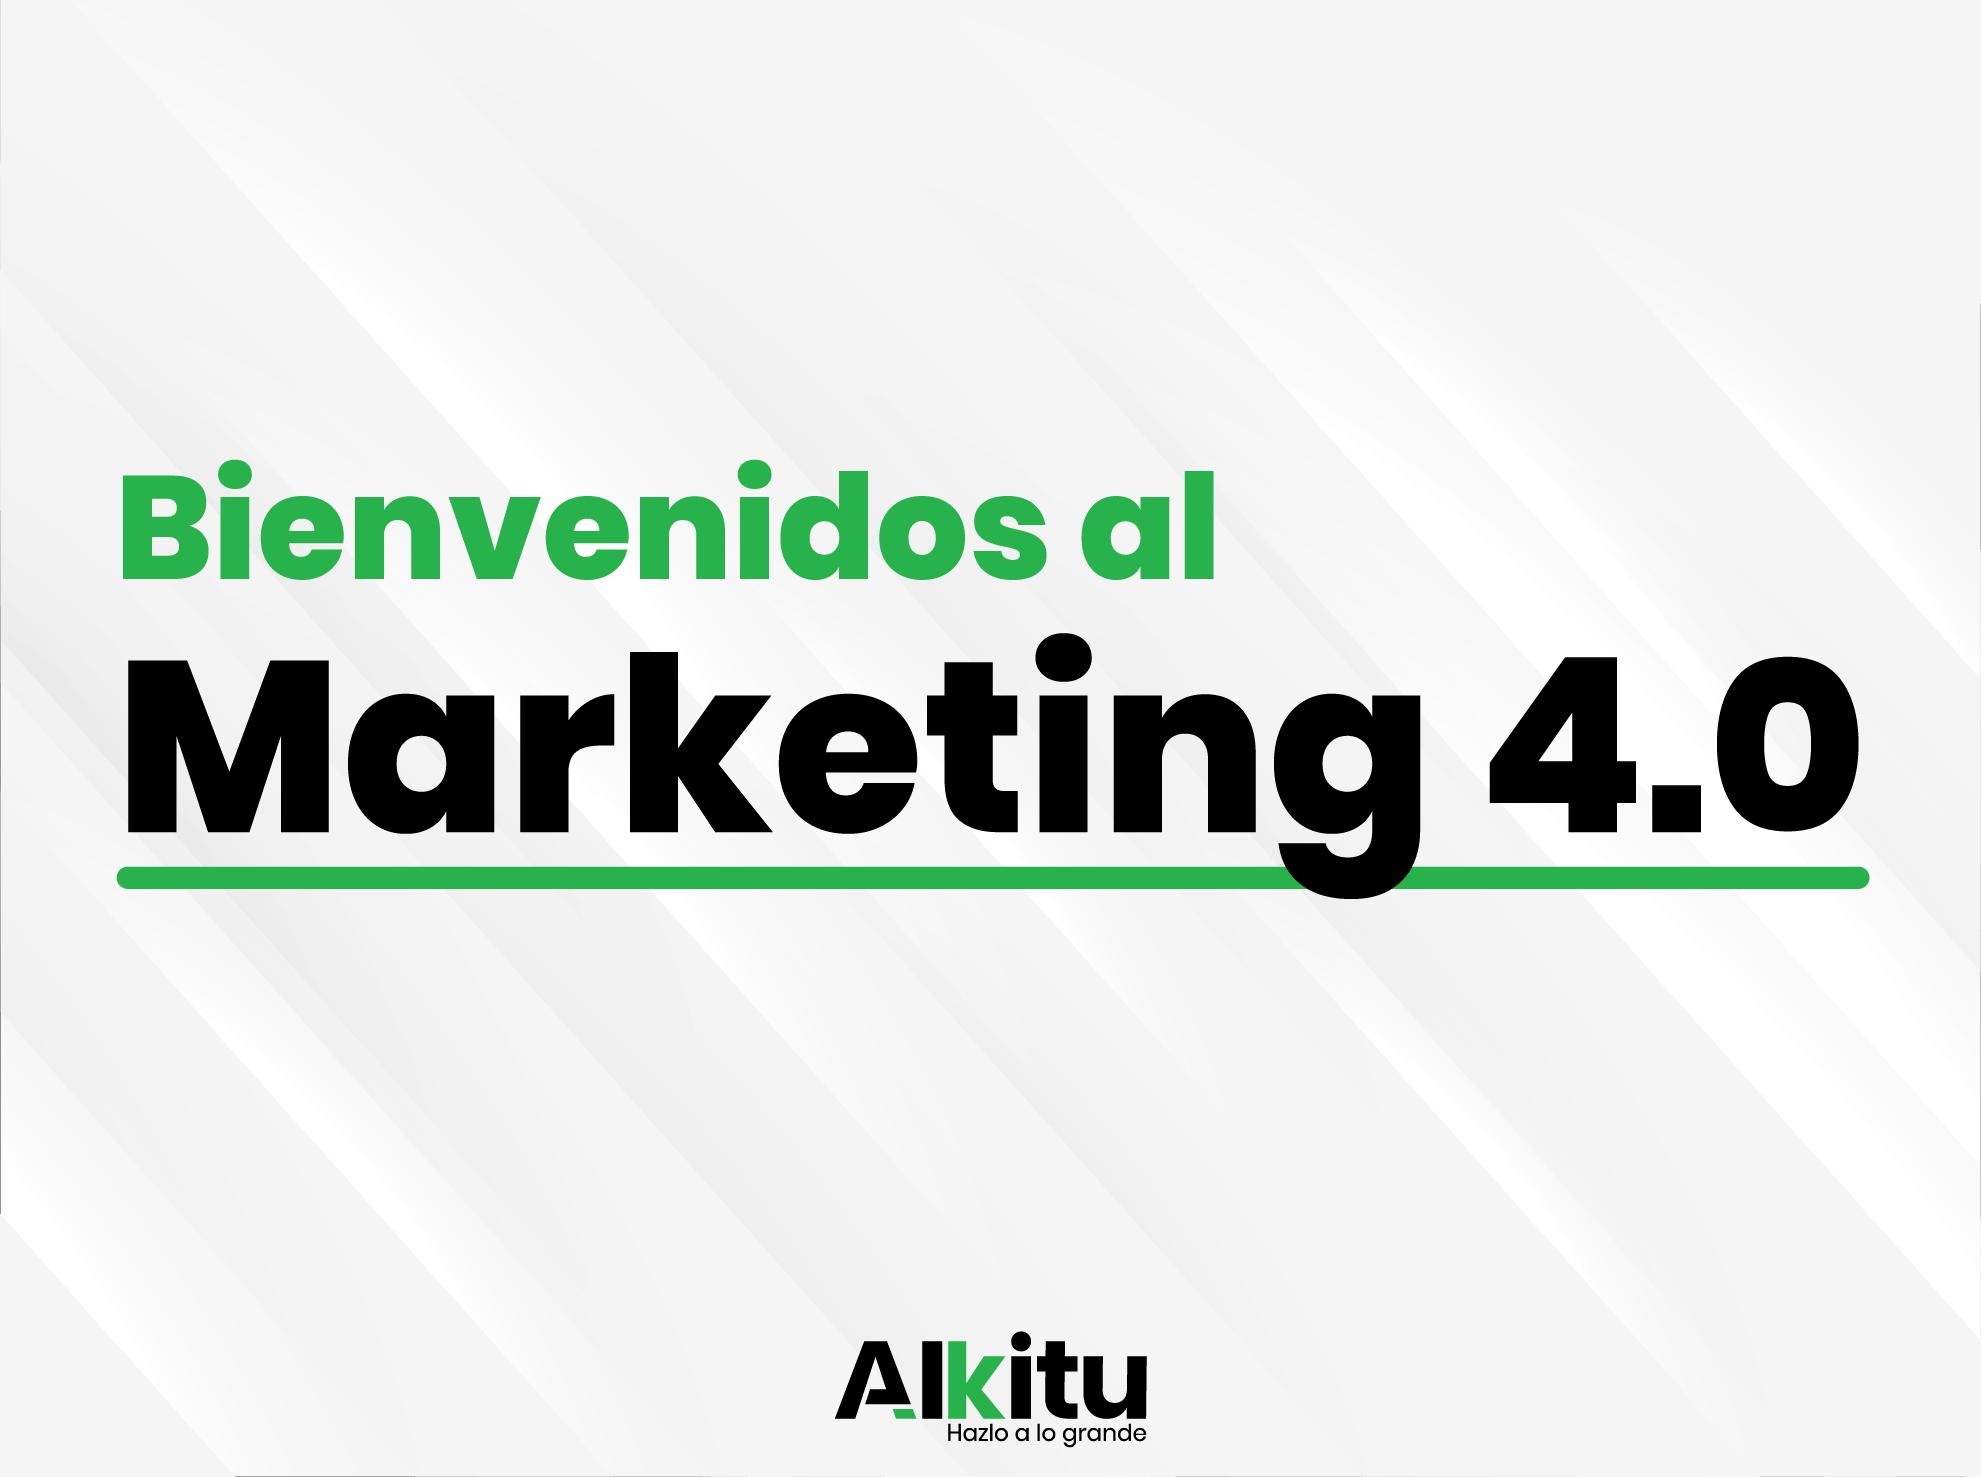 Post - Bienvenidos al Marketing 4.0